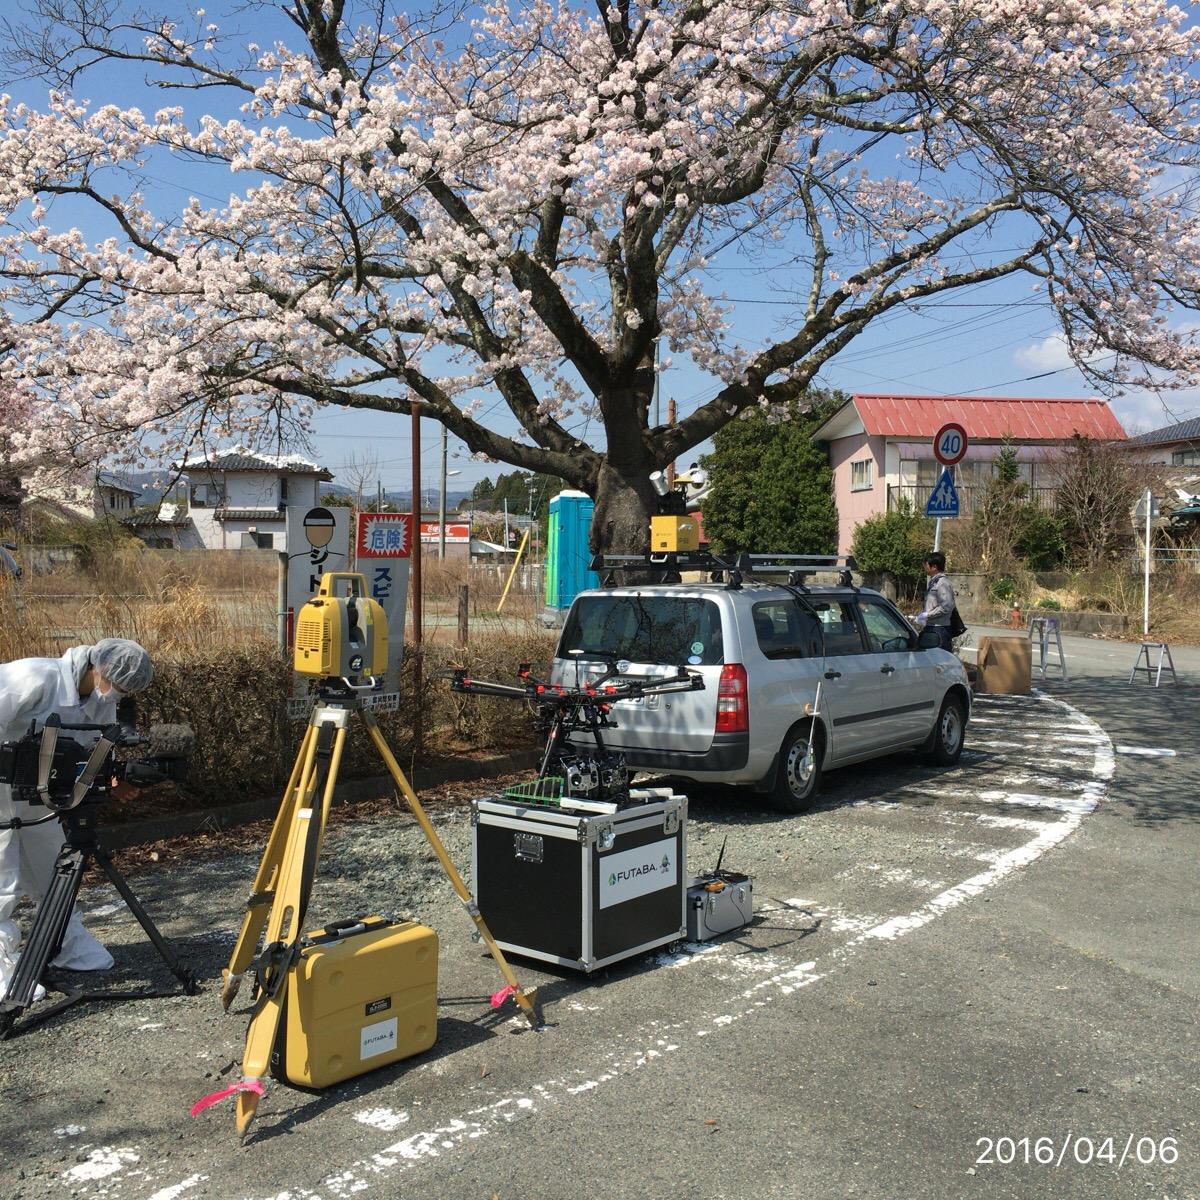 夜の森桜並木の3次元測量が福島民報で紹介の画像